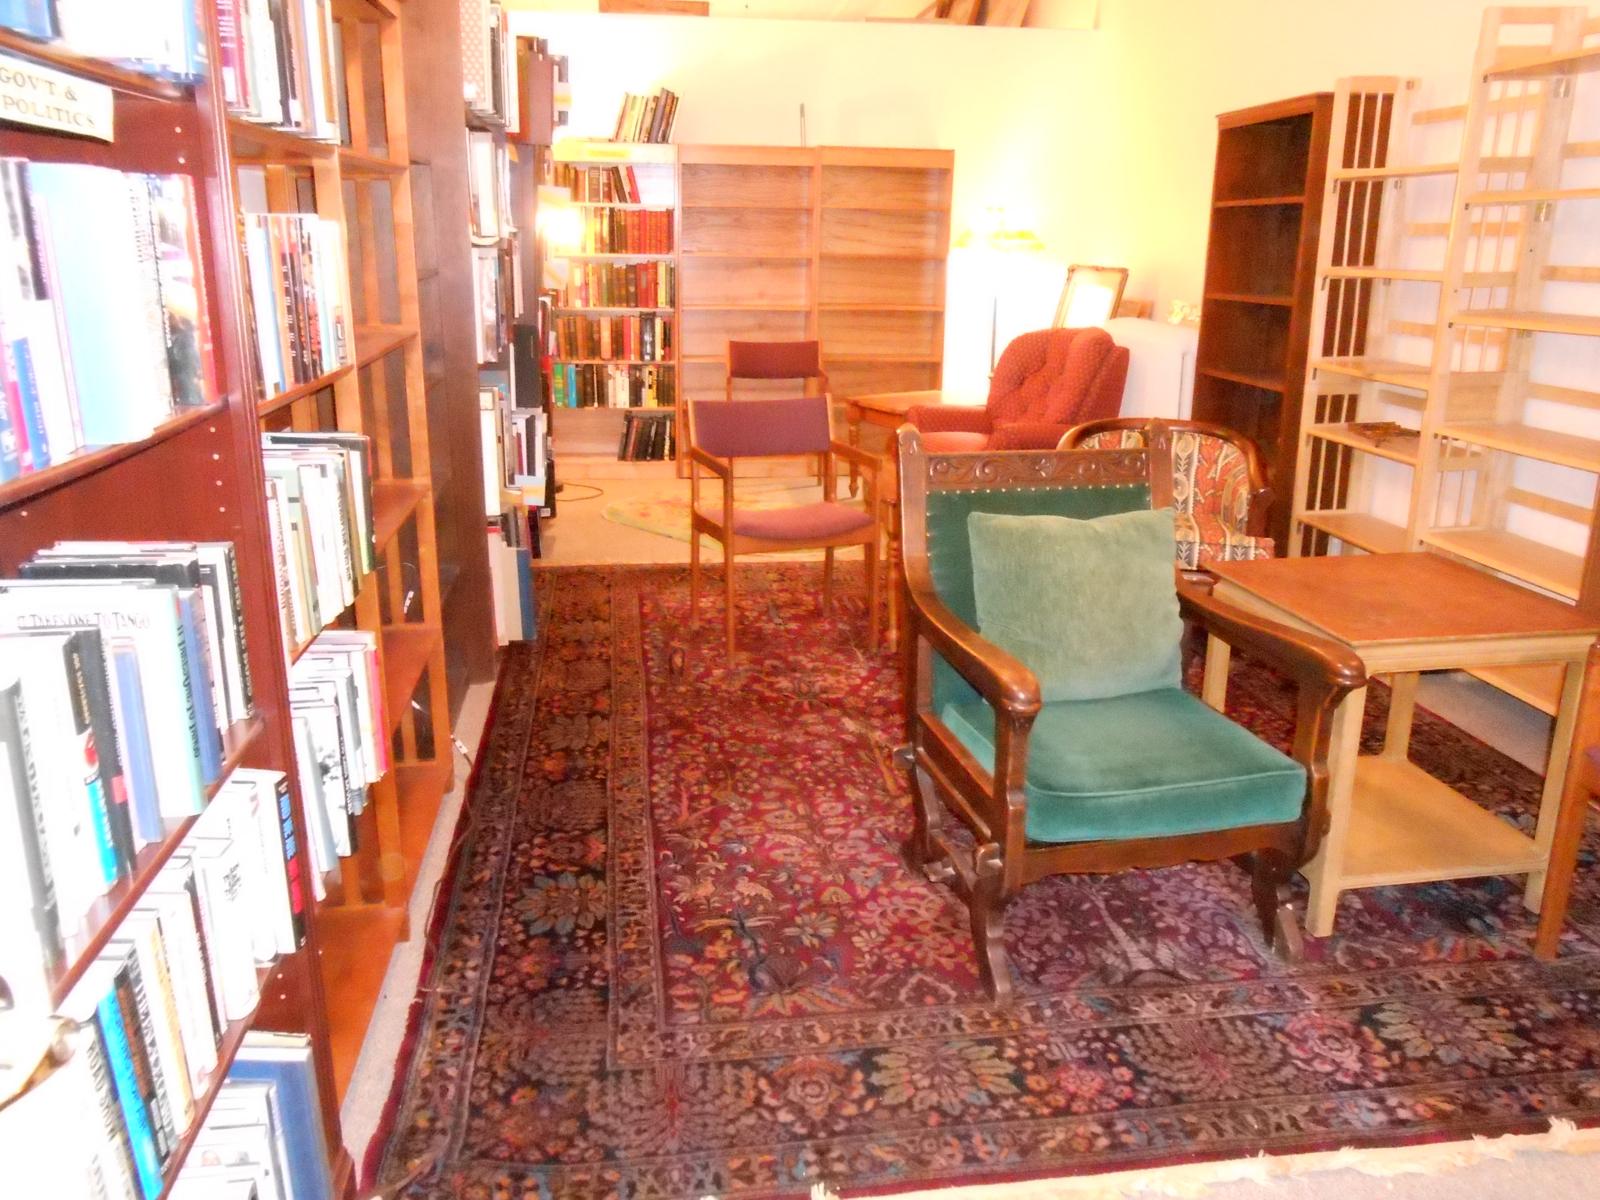 readingroom1